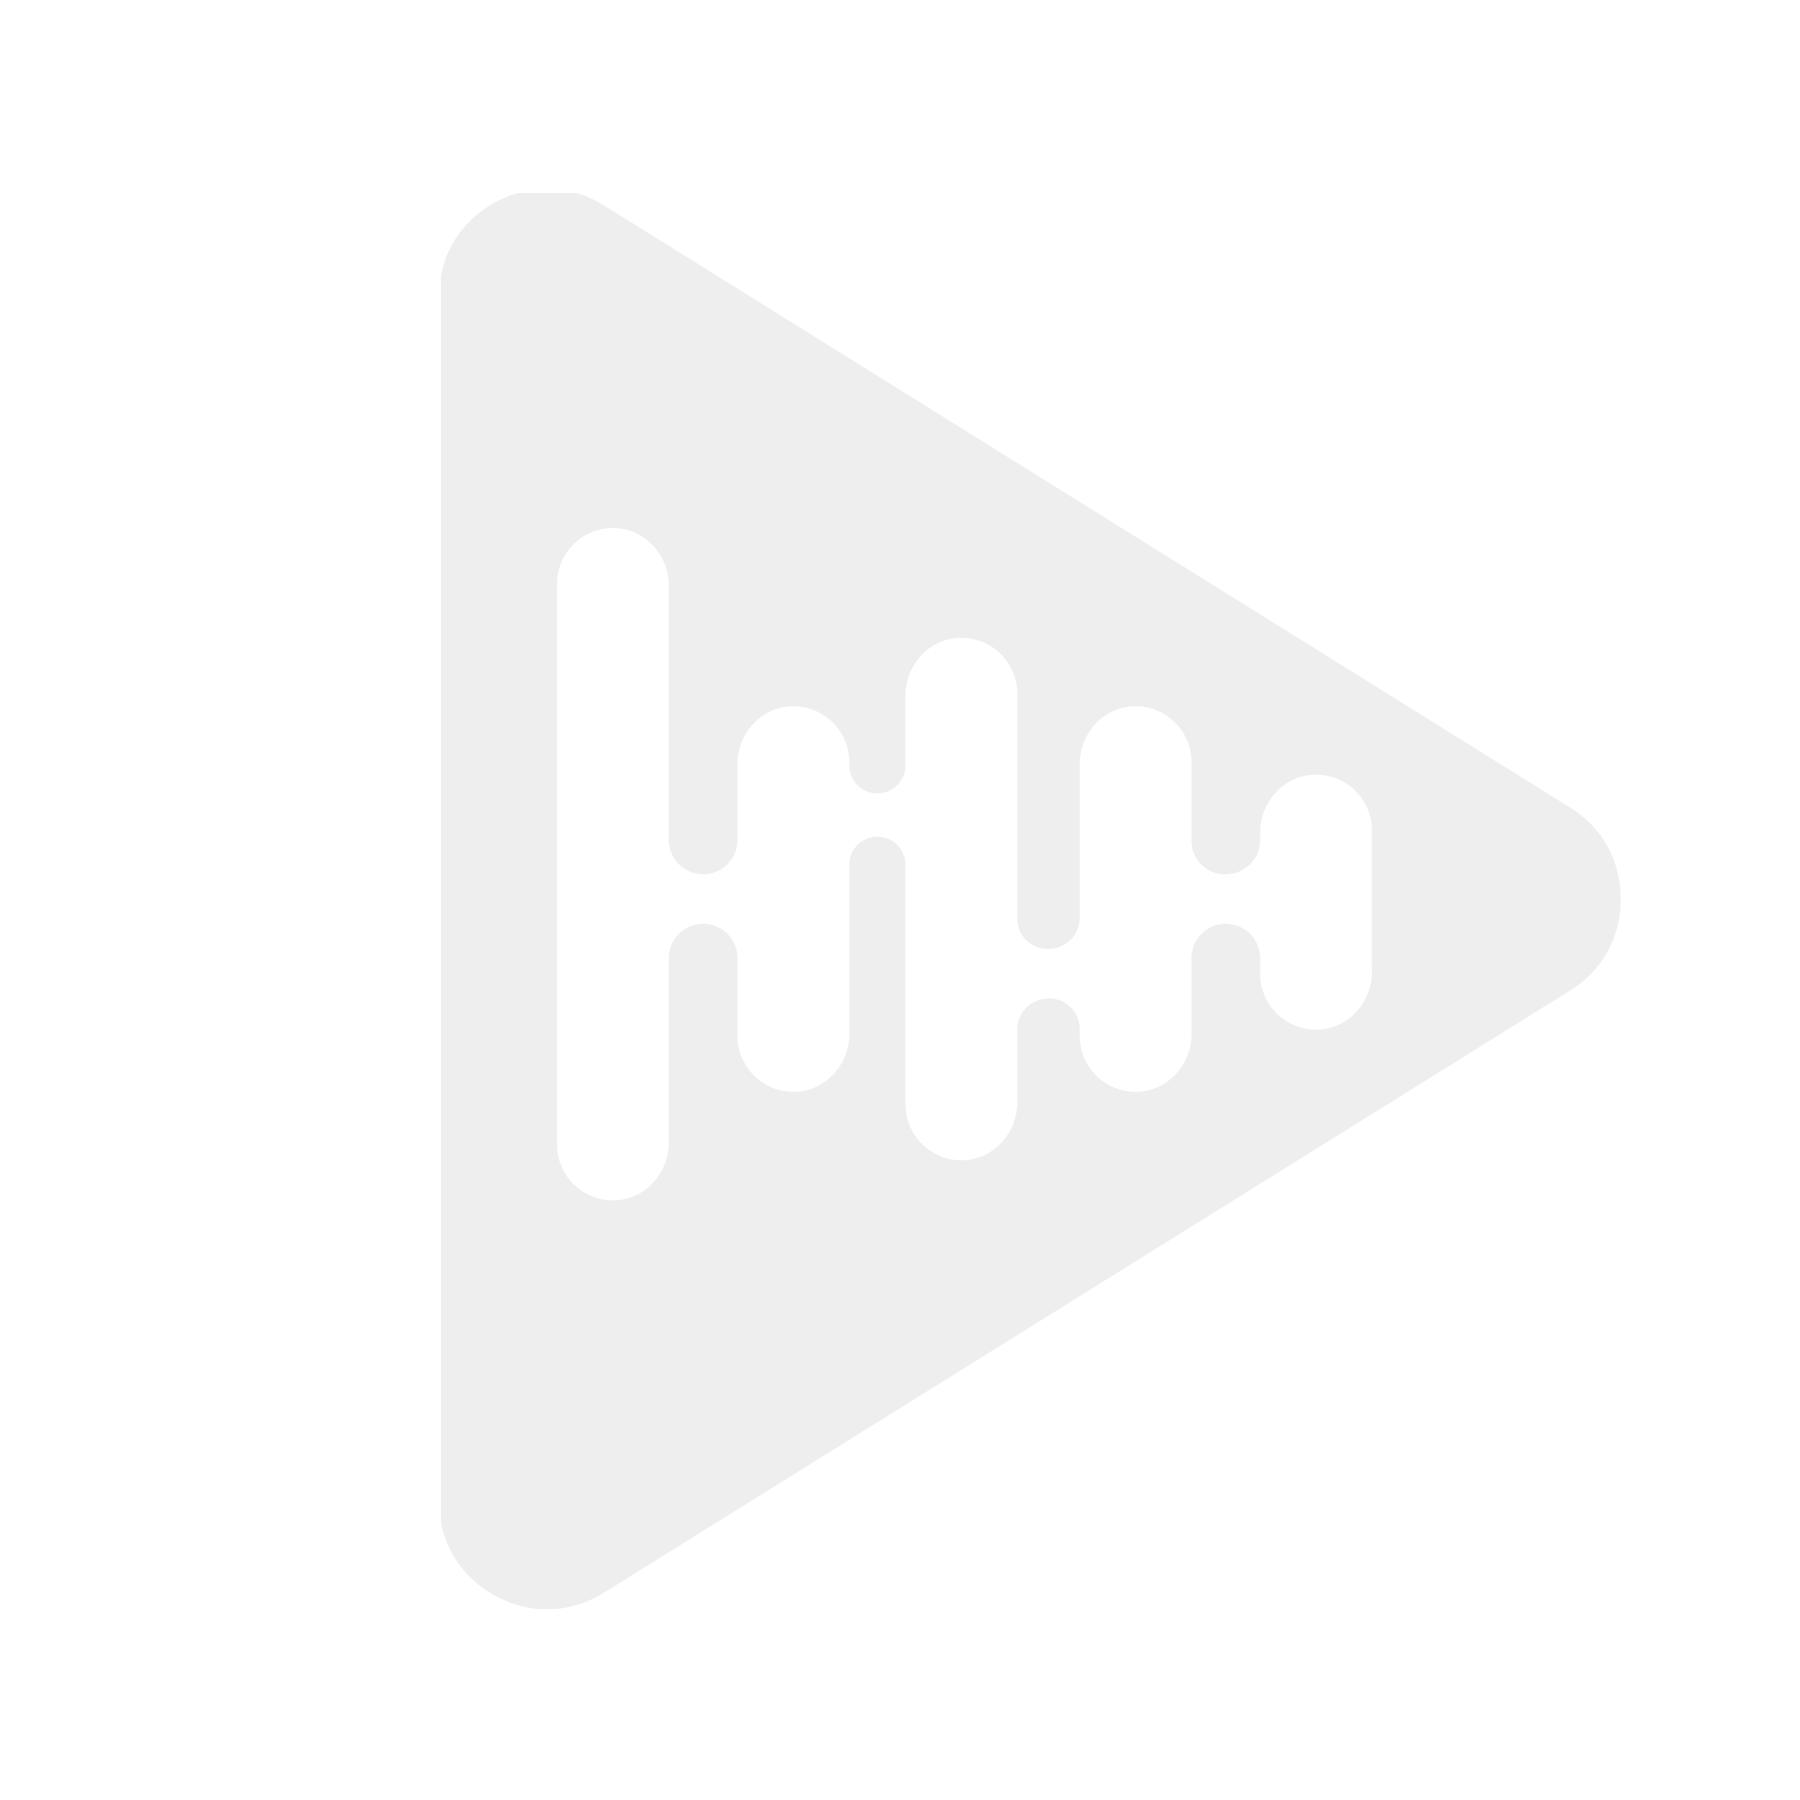 Skoddejuice Vanilla Tahity Aroma